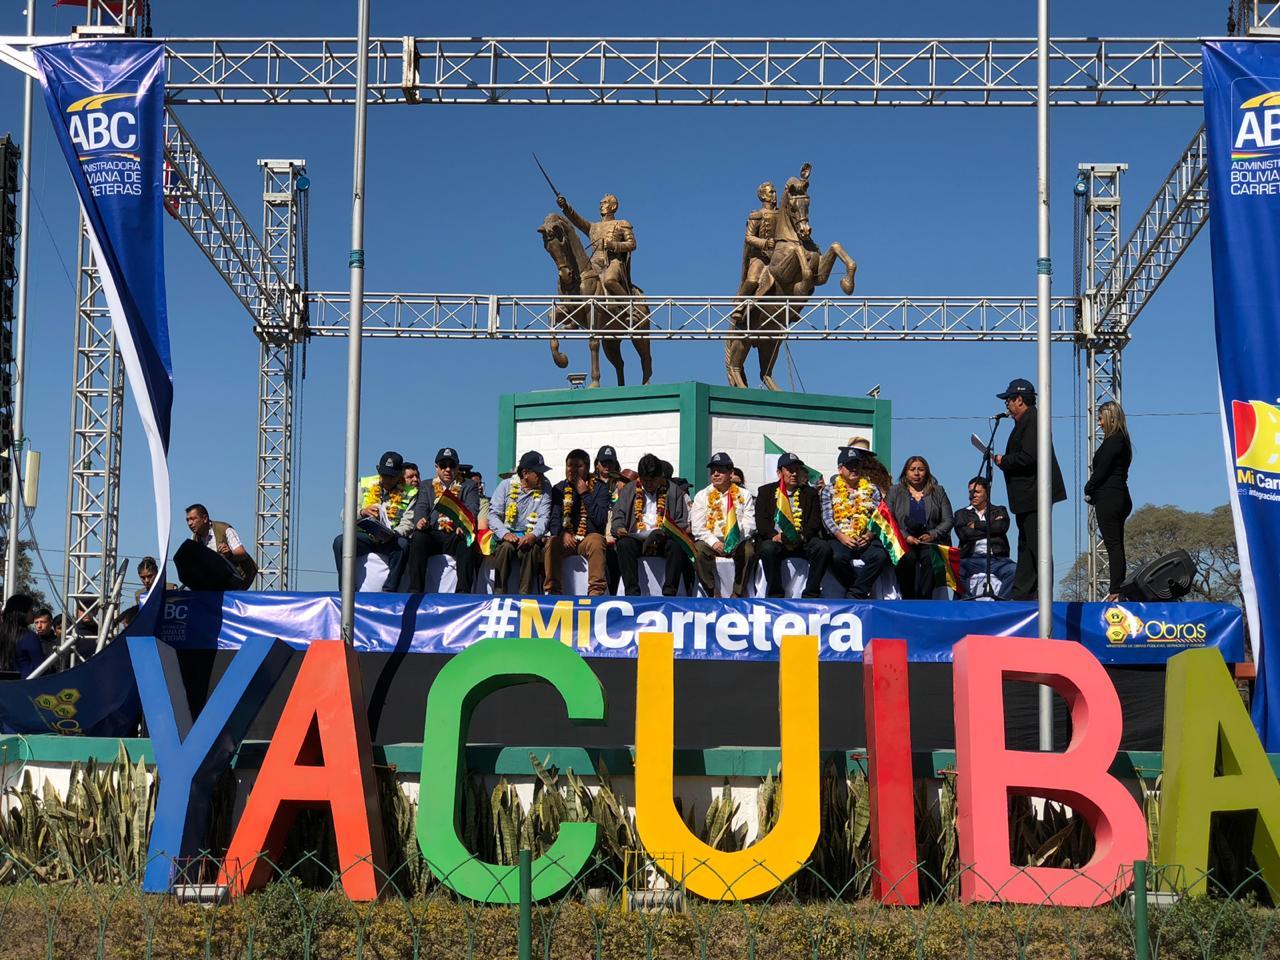 Arranca la doble vía en Yacuiba, cada kilómetro cuesta Bs 33,8 millones